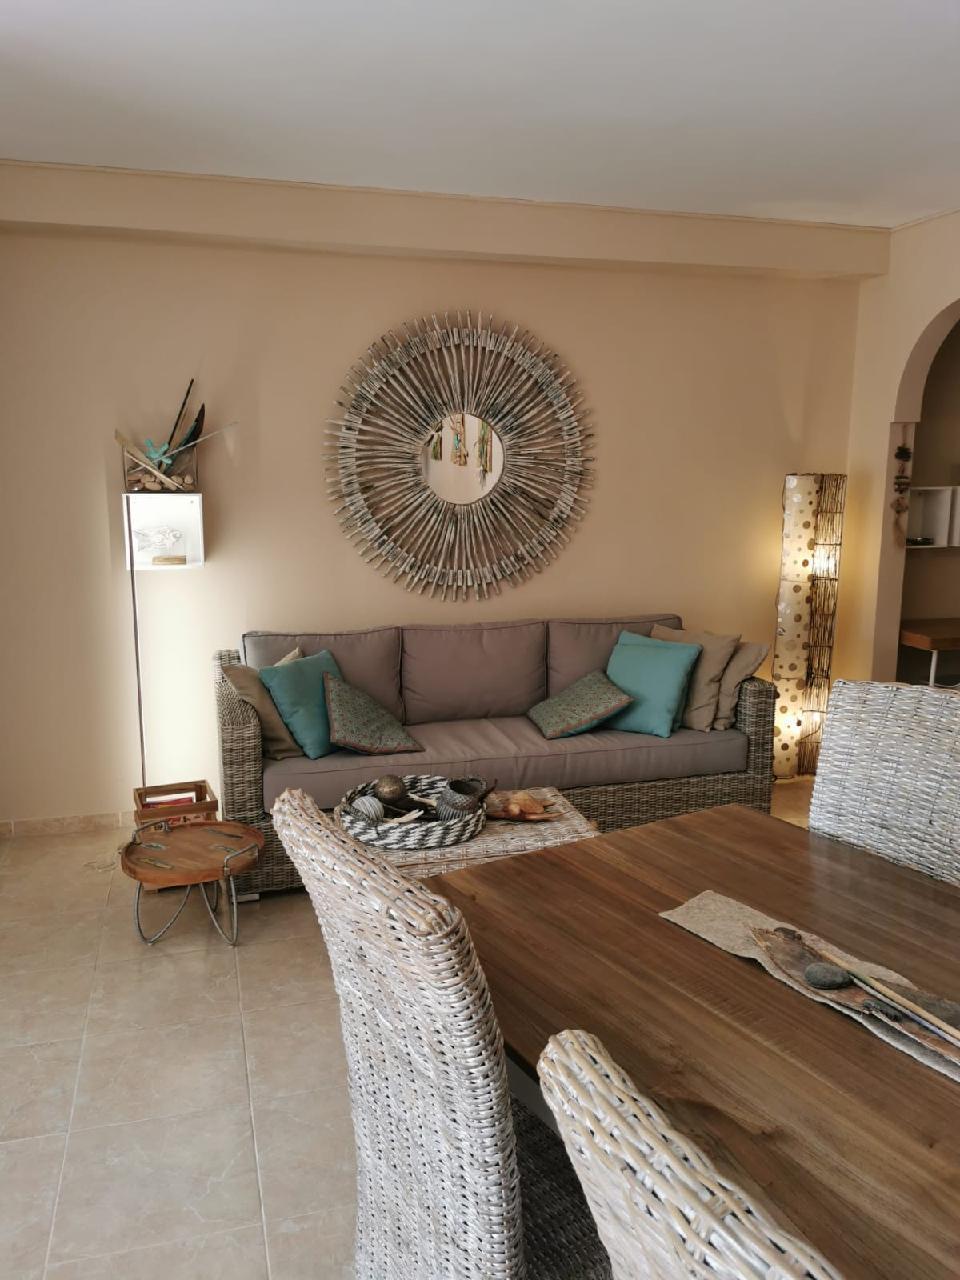 Ferienwohnung 114 m²  - 1A Meerblick  -  Strandnah  -  Familienfreundlich  -  Top Lage (2633968), Costa Calma, Fuerteventura, Kanarische Inseln, Spanien, Bild 5